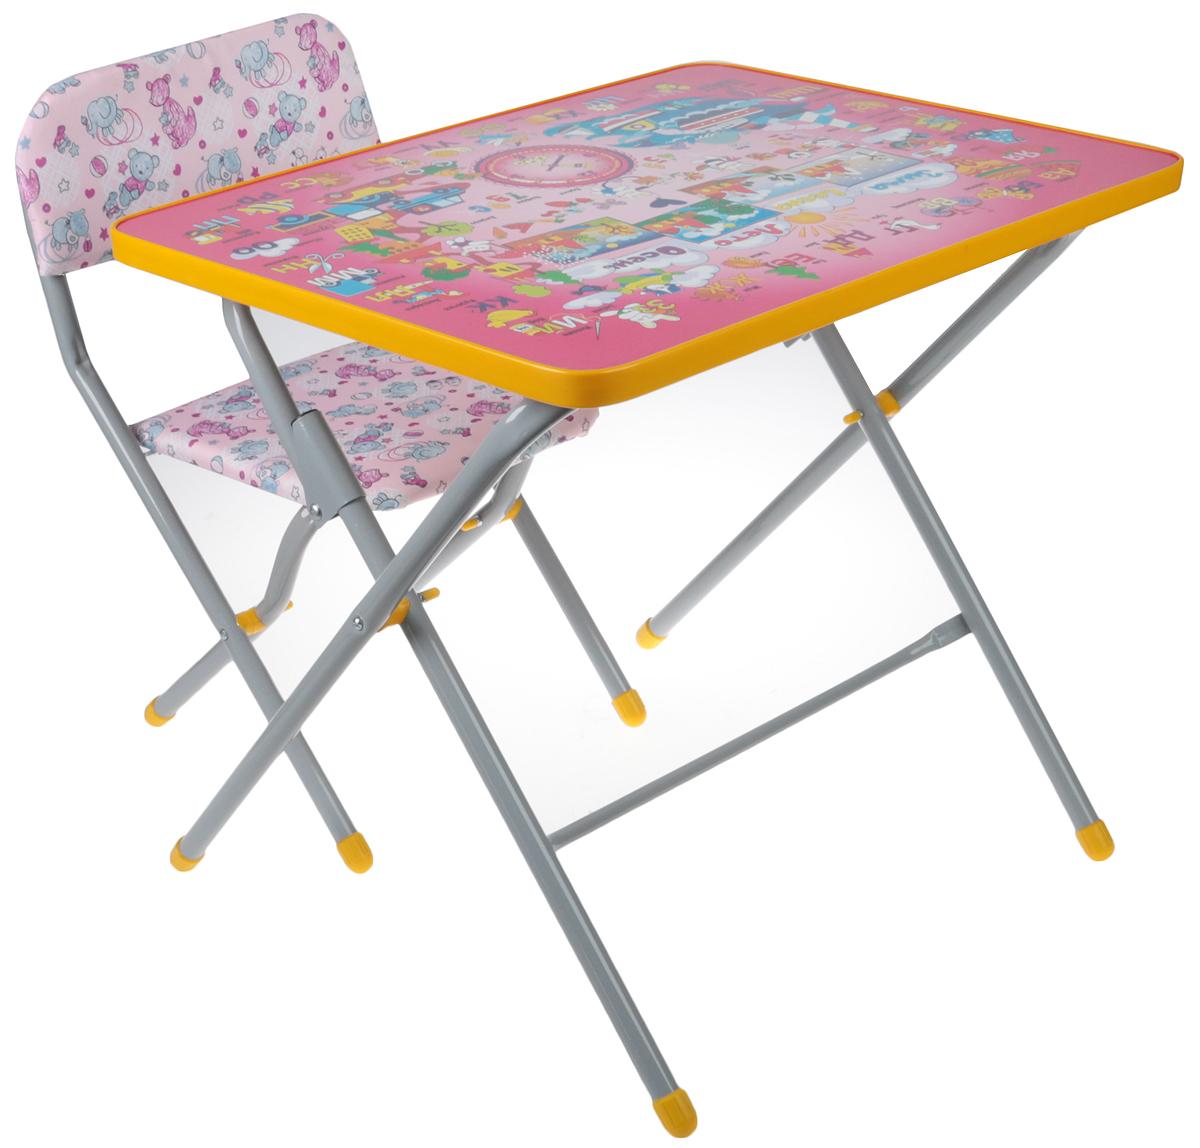 Фея Набор детской мебели Досуг Алфавит цвет розовый набор детской мебели интехпроект трансформер розовый